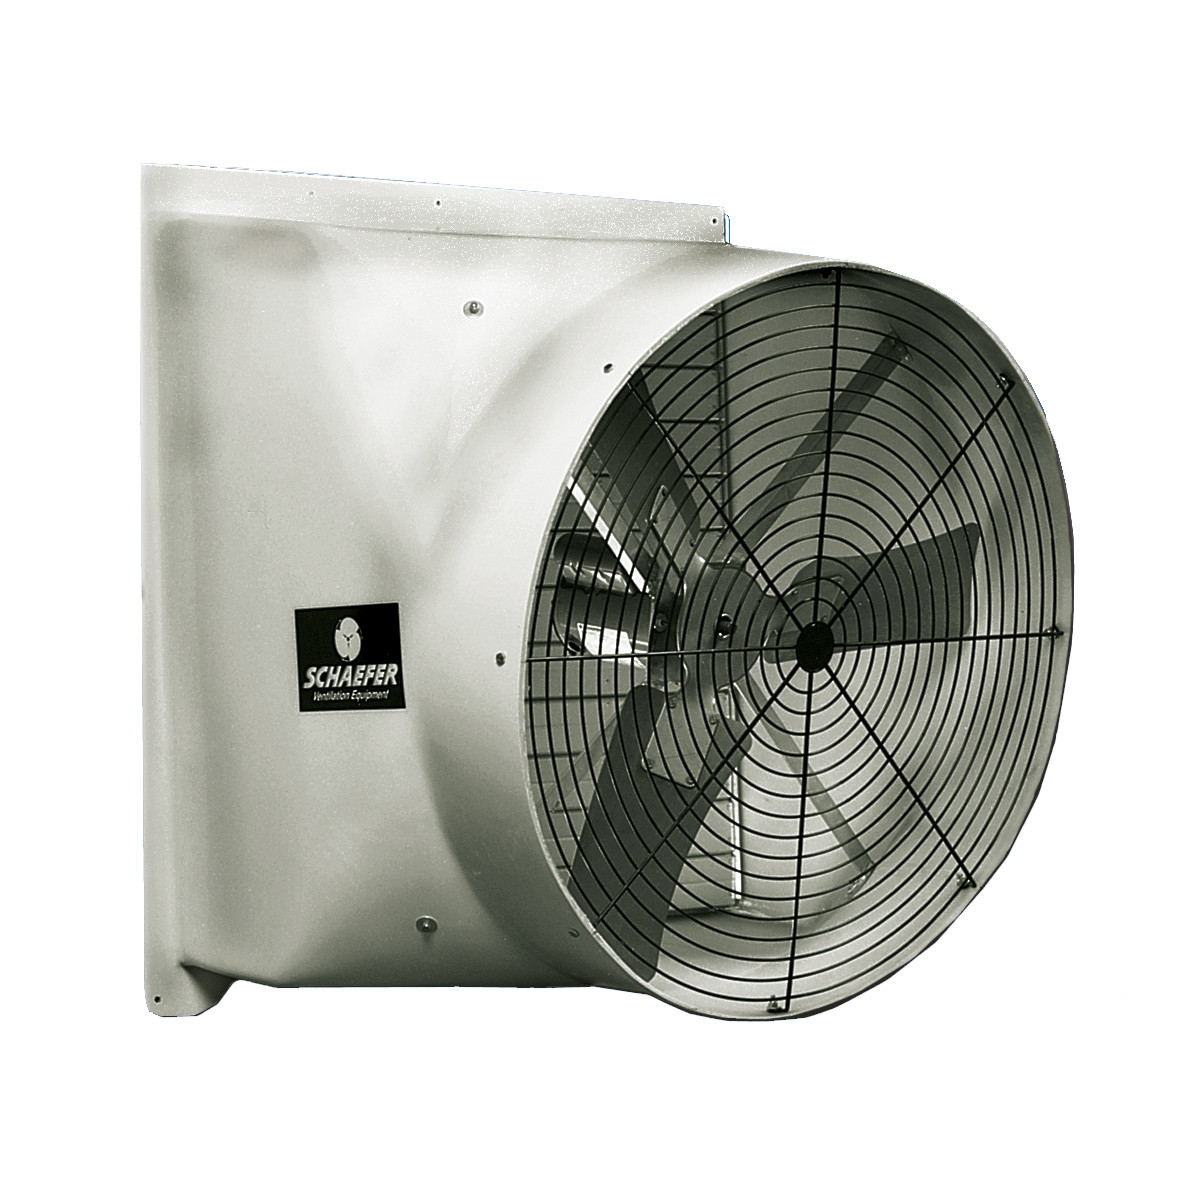 schaefer 36 48 fiberglass flush mount exhaust fans